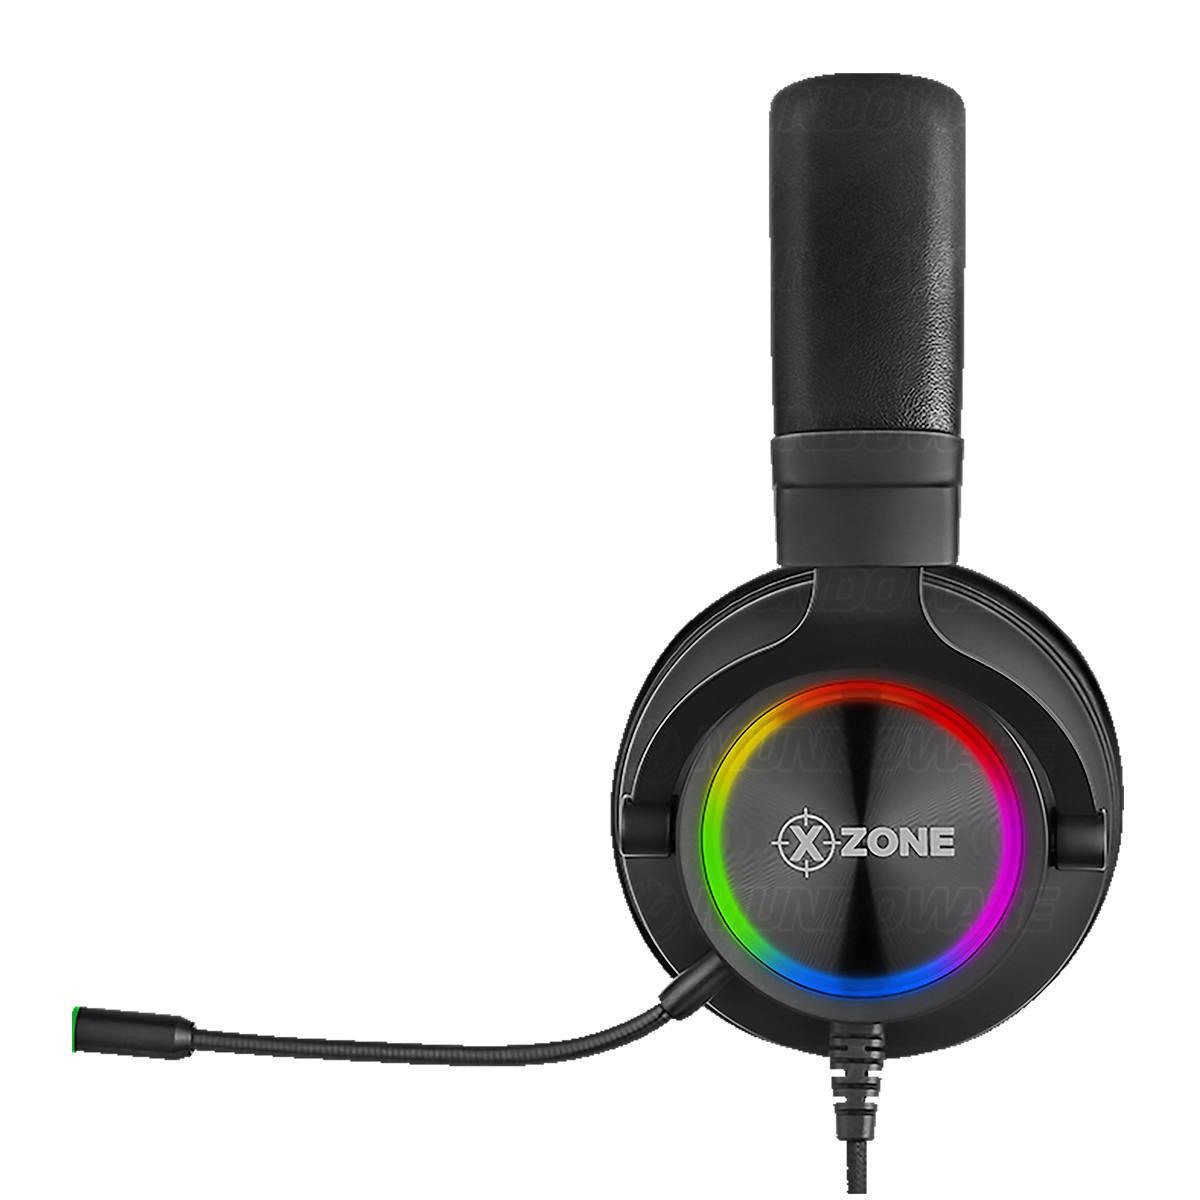 Headset Gamer com Isolamento Acústico Microfone Removível para PC XBOX PS4 Celular com Suporte para Apoio XZone GHS-01